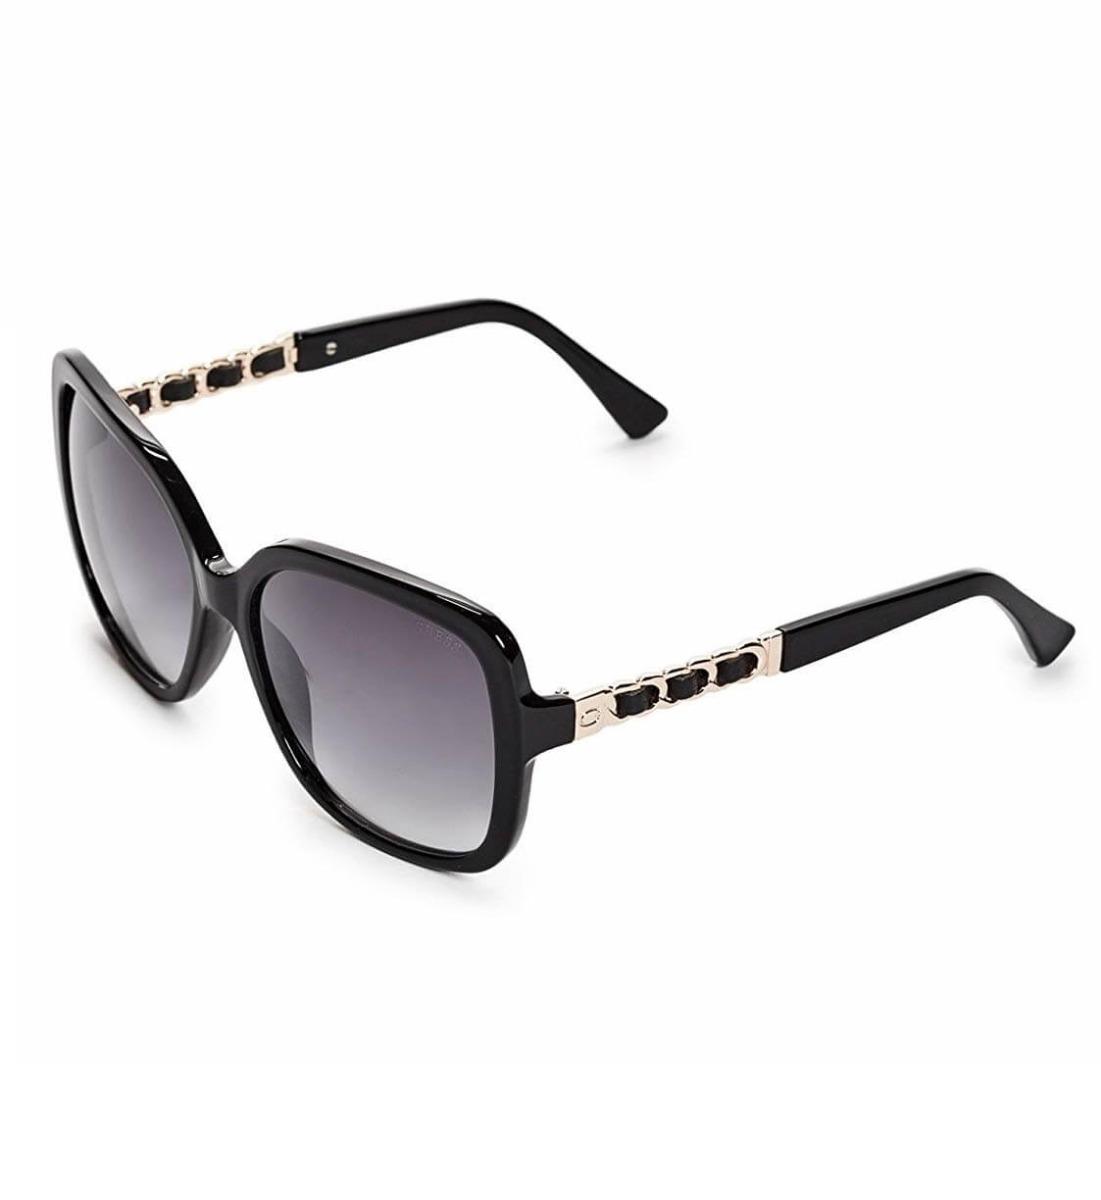 calidad autentica chic clásico online Gafas De Sol Cuadradas Trenzadas Para Mujer Guess Factory Ne